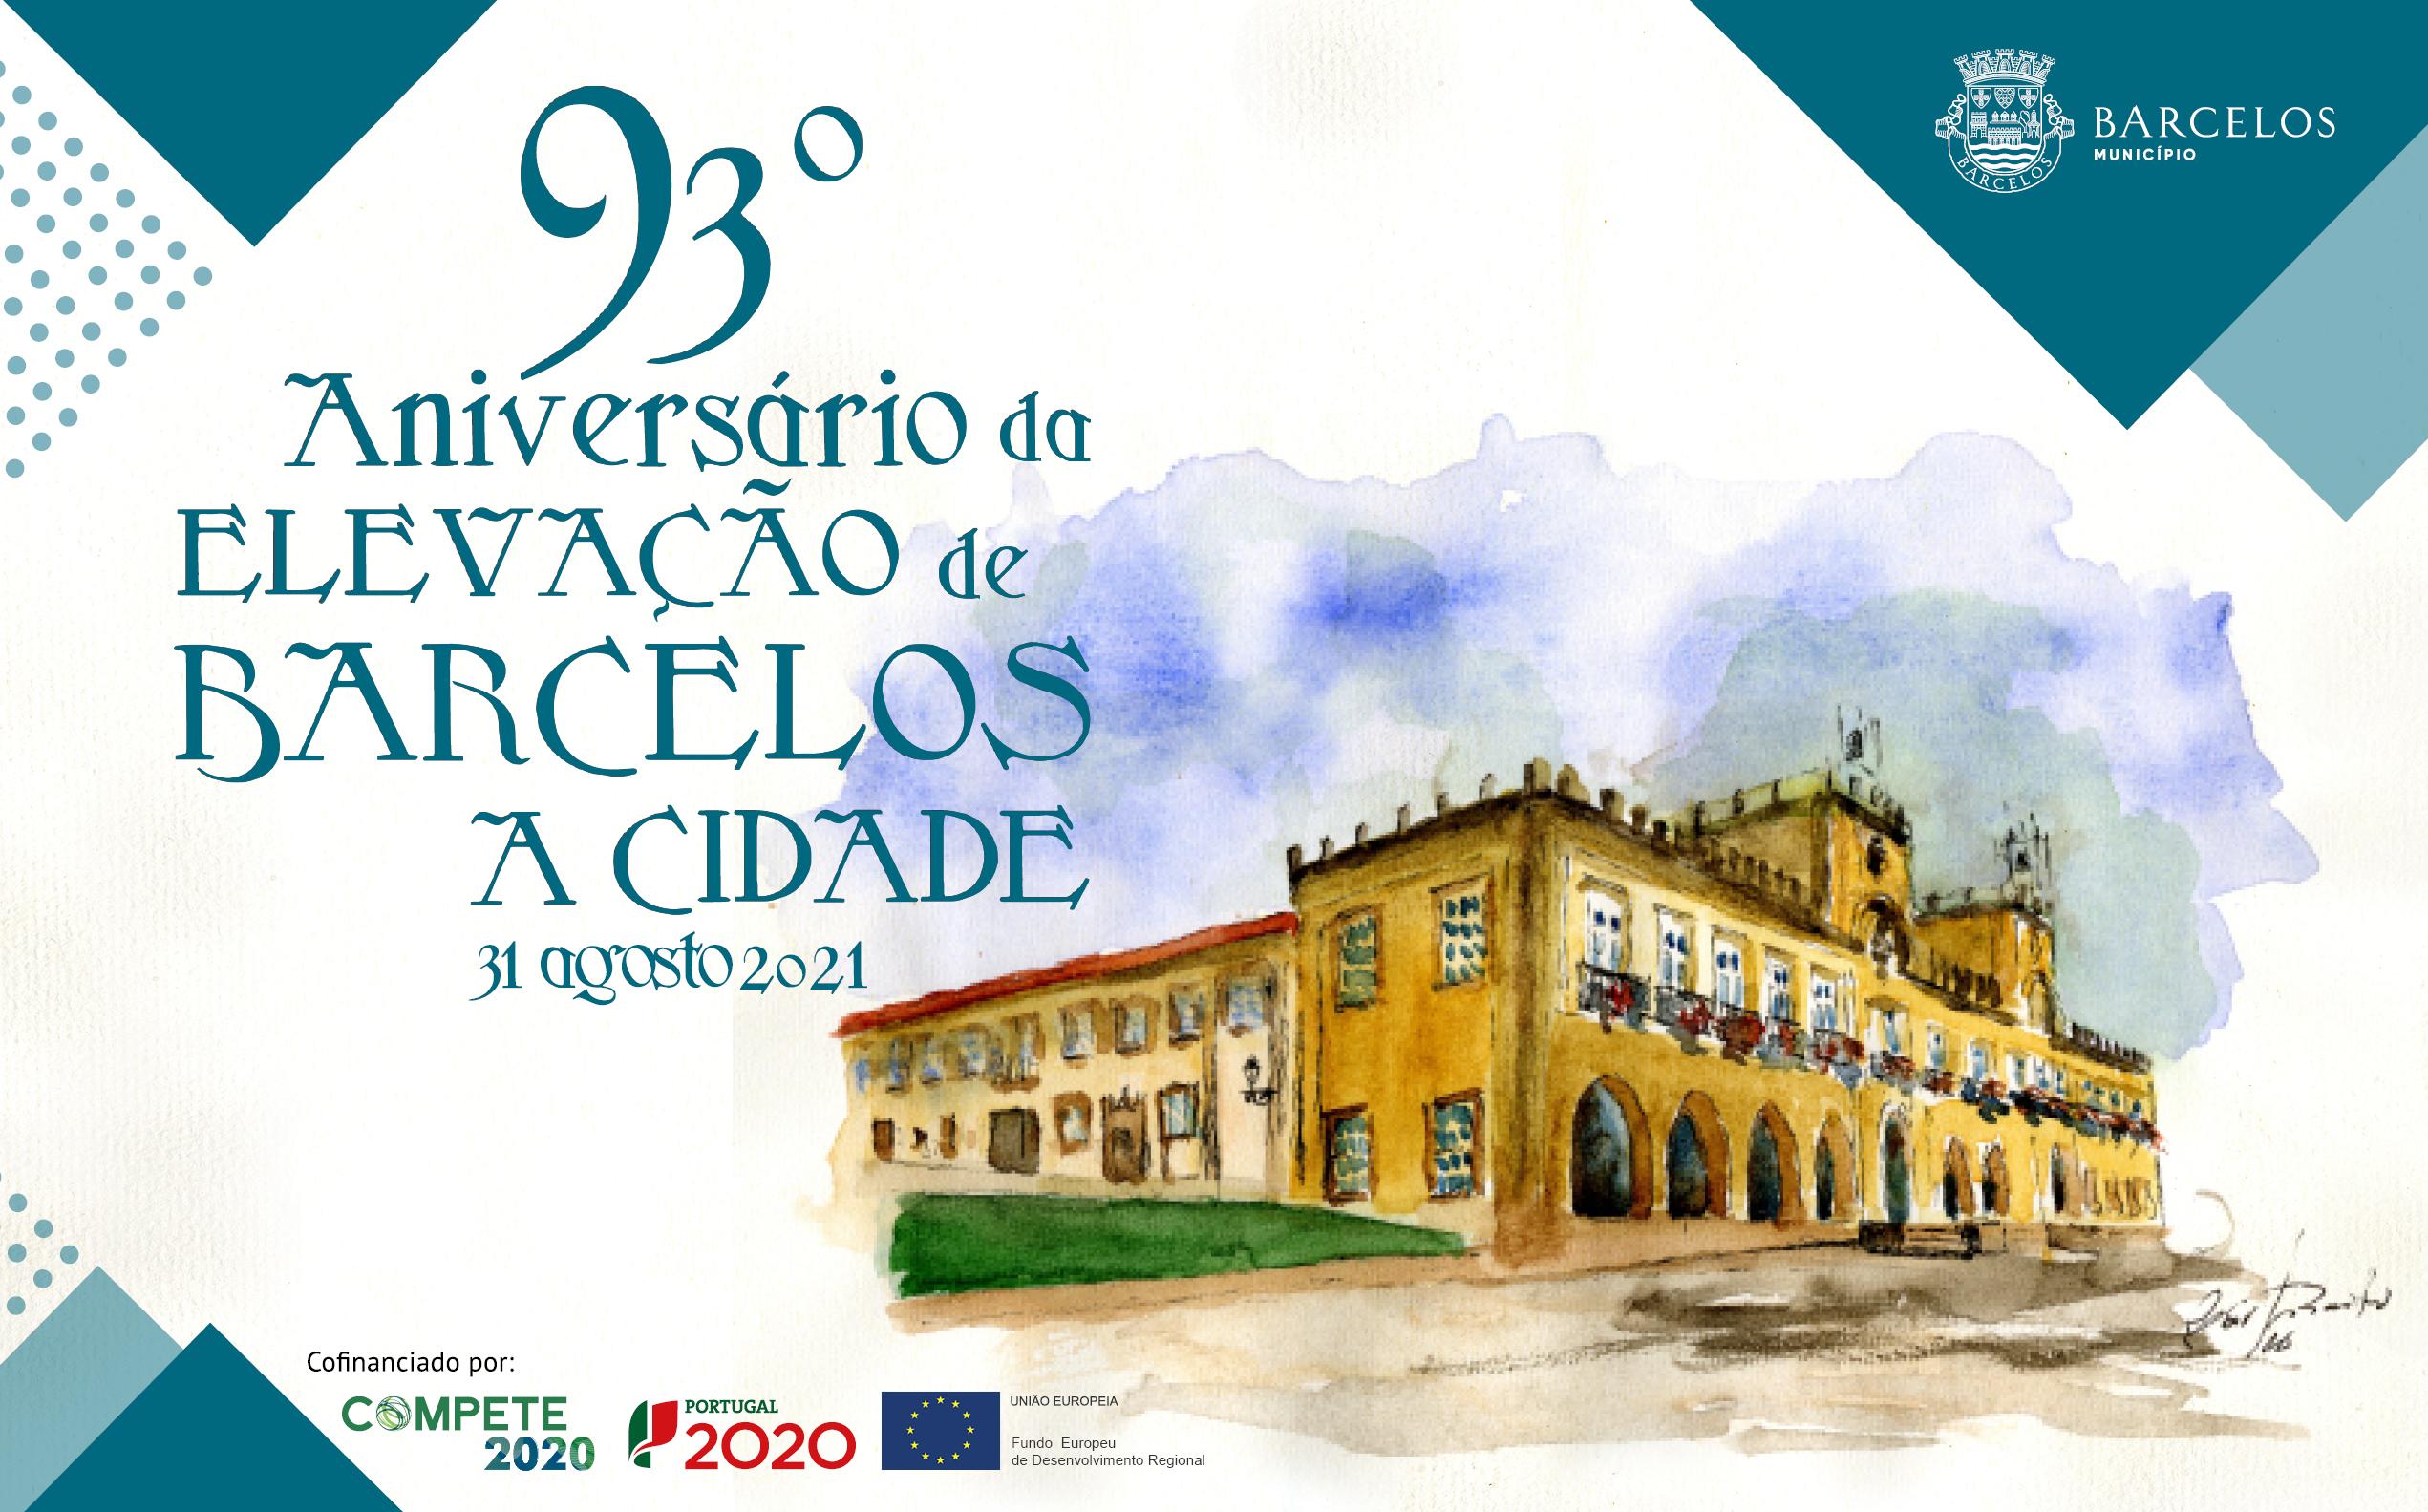 Barcelos comemora 93 anos de elevação a cidade